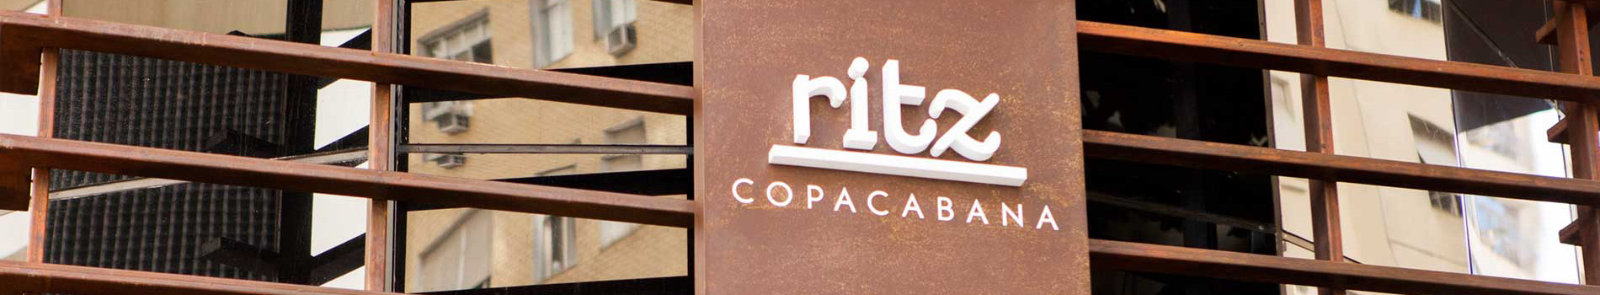 Ritz Copacabana